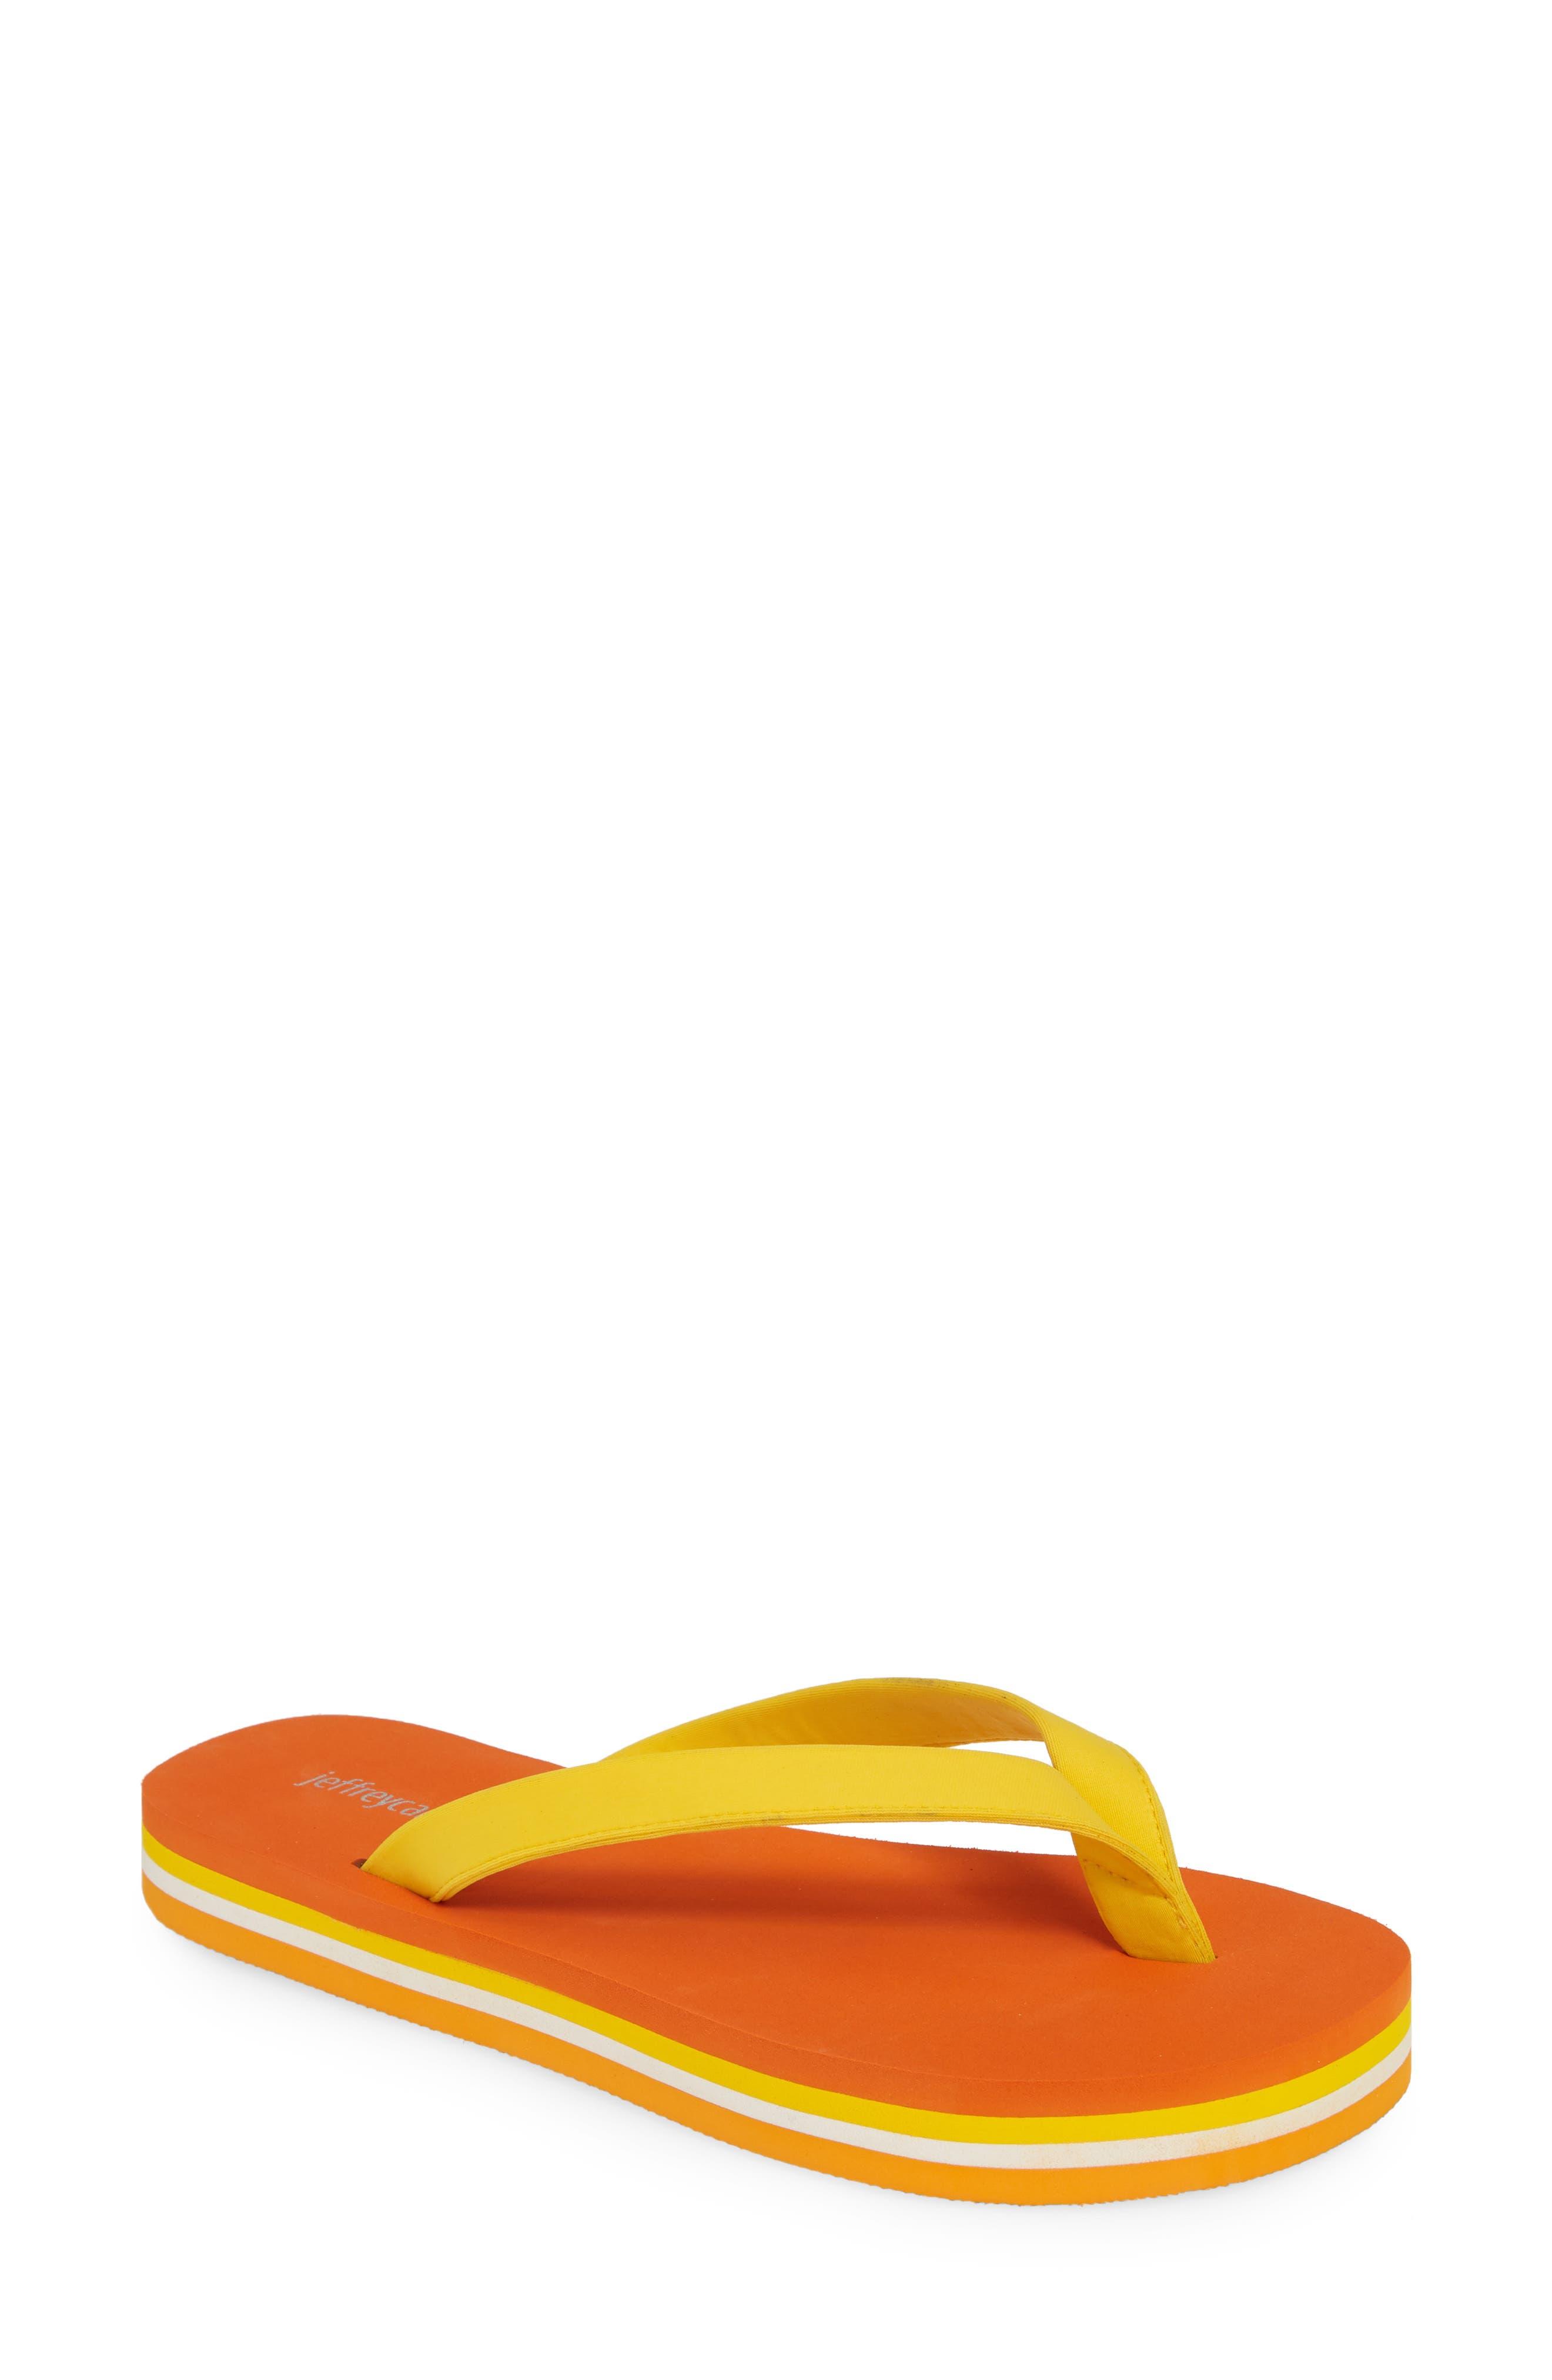 Jeffrey Campbell Surf Flip Flop, Orange